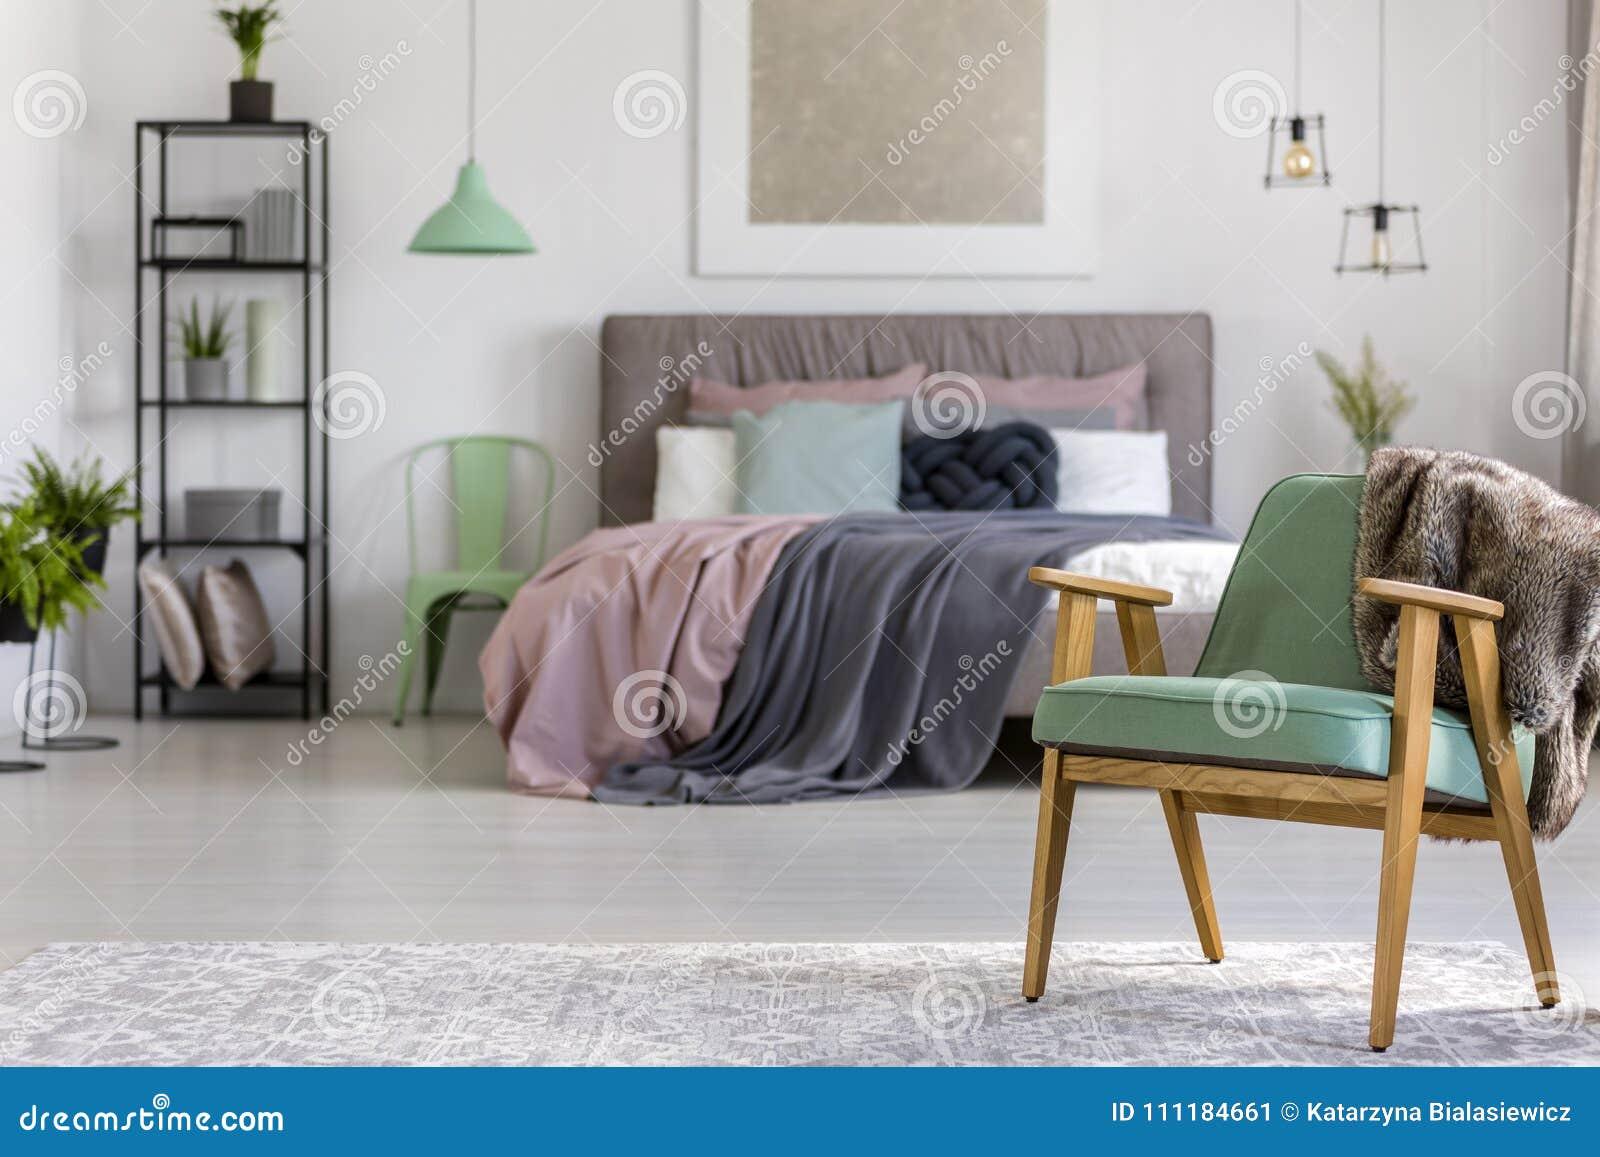 green wooden armchair bedroom green wooden armchair grey carpet bedroom interior lamps painting above bed